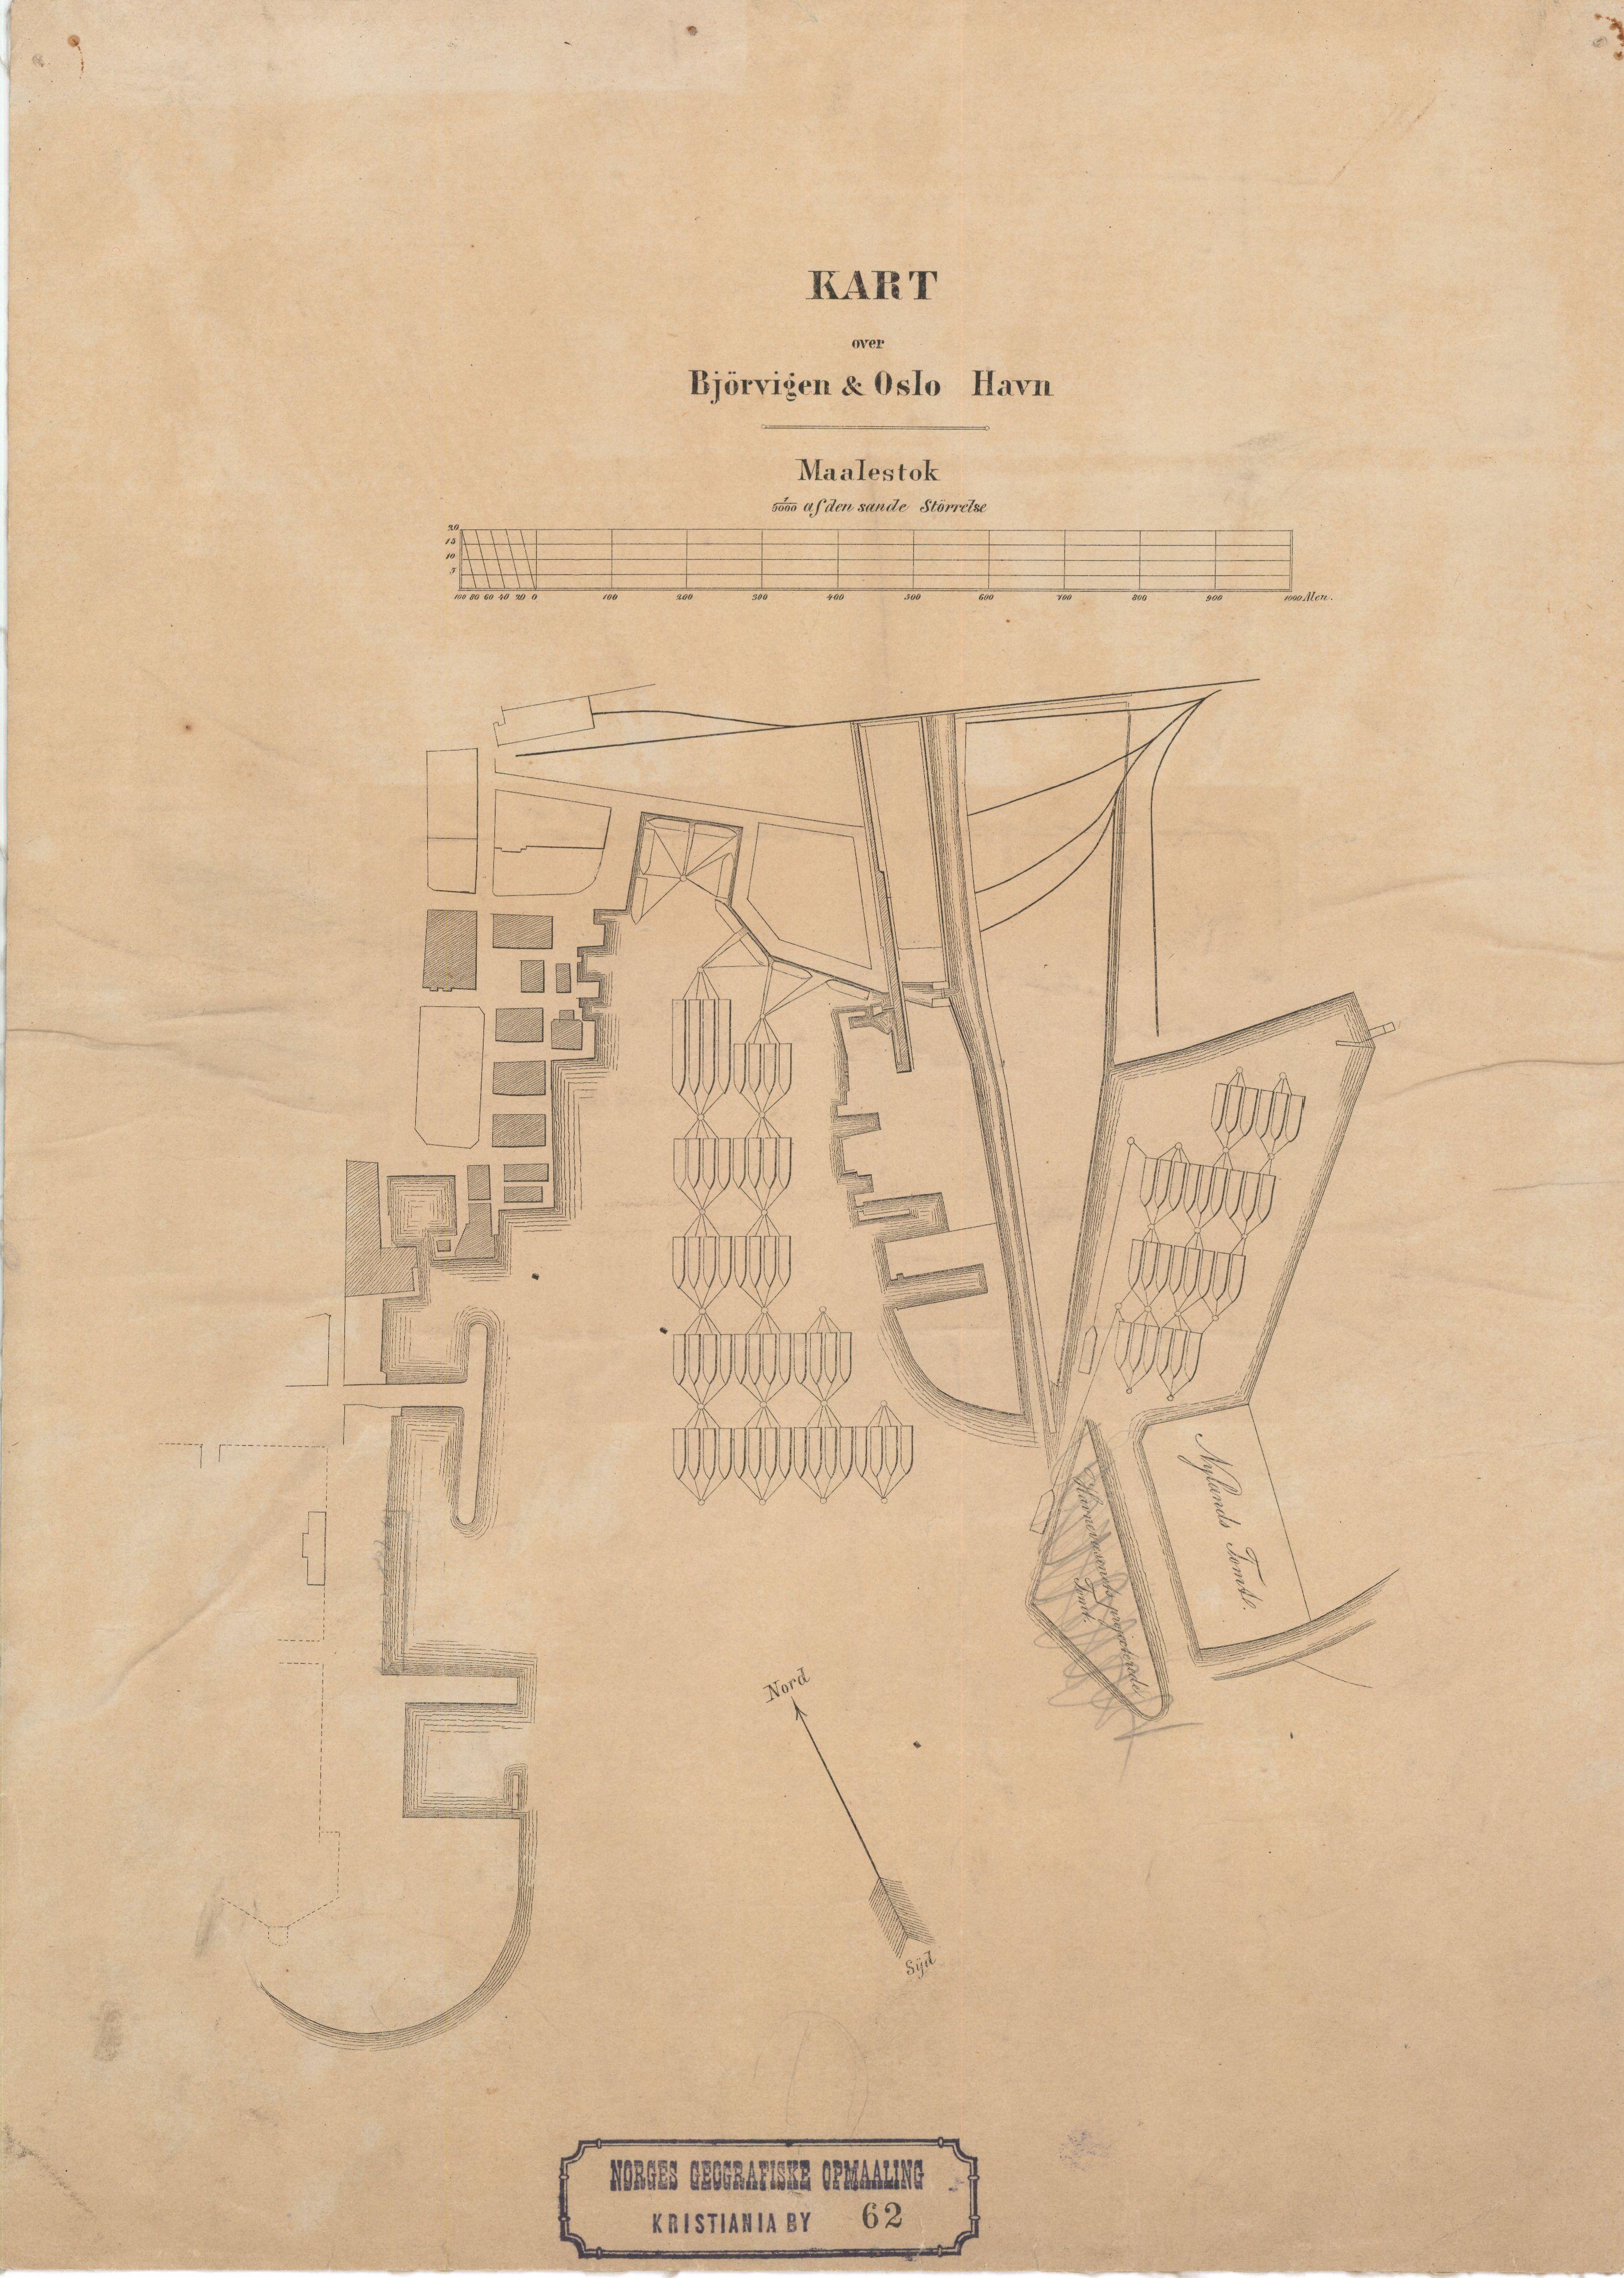 oslo havn kart File:Kart over Bjørvigen og Oslo Havn (62), 1870.   Wikimedia  oslo havn kart